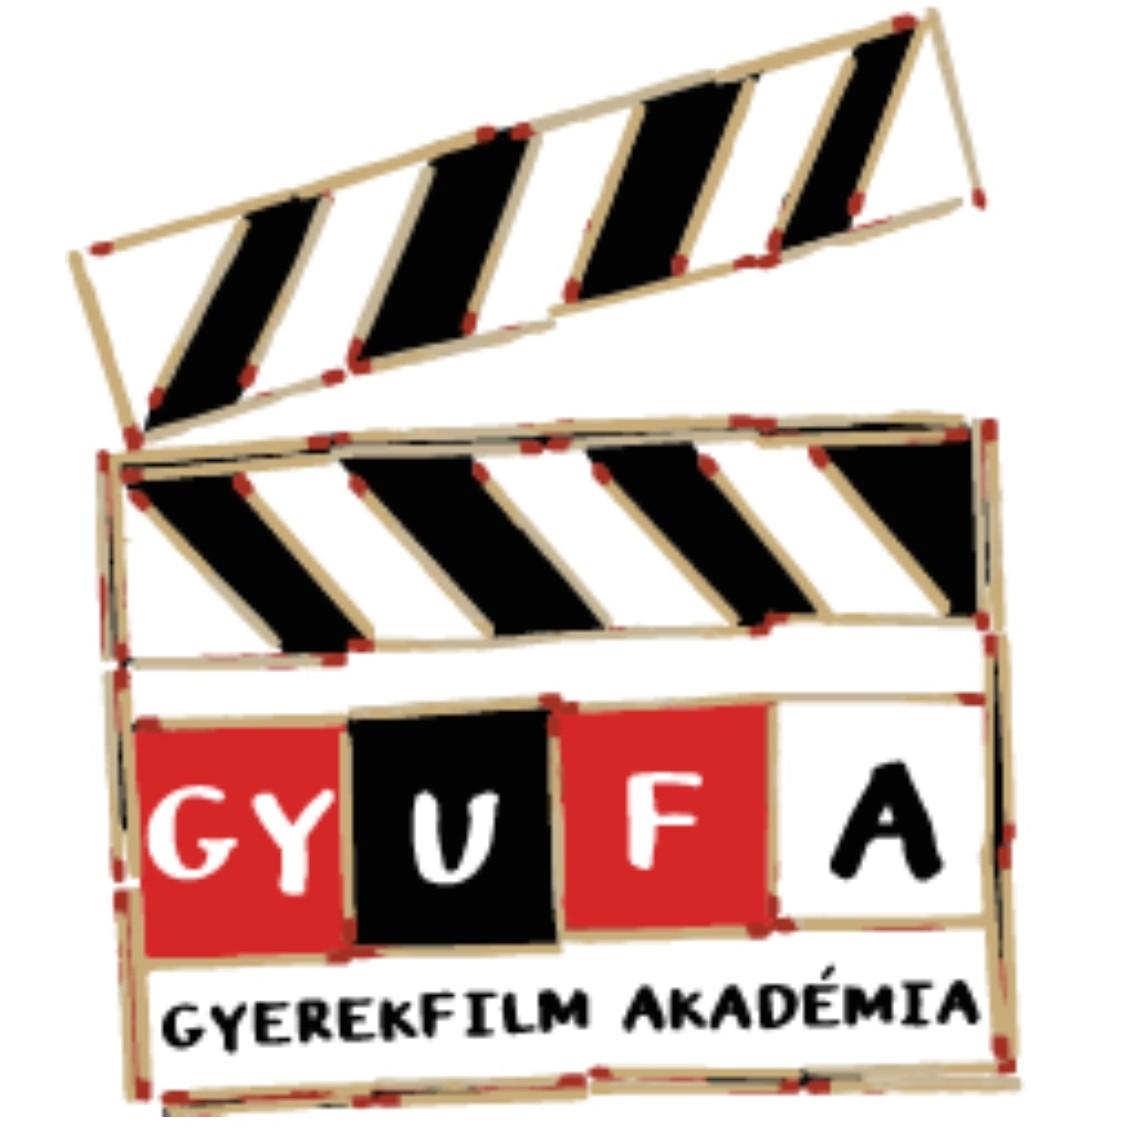 Children's Film Academy